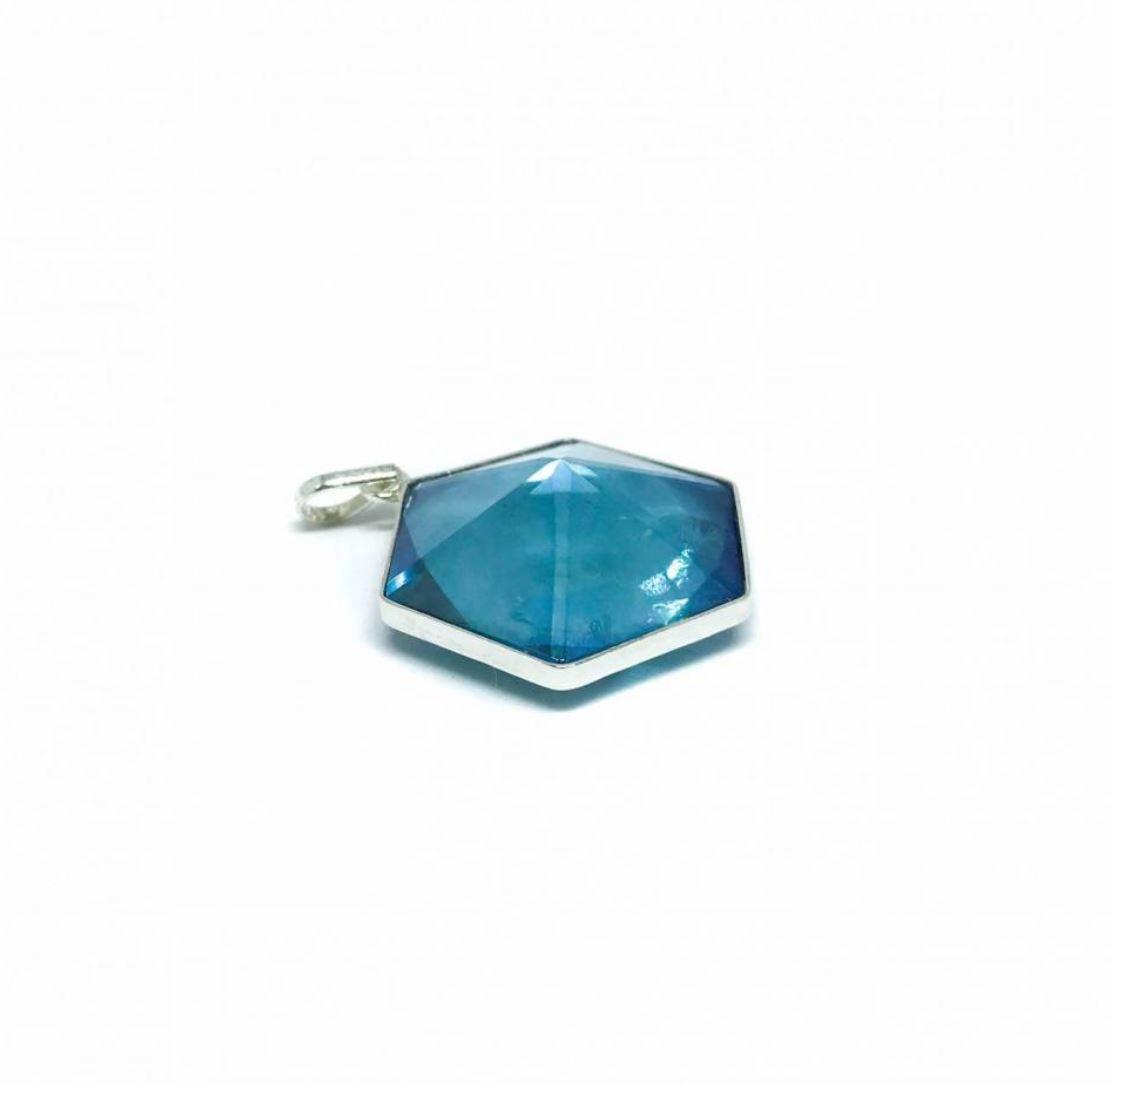 Pingente de Prata Cristal Aqua Aura Puro Hexagono